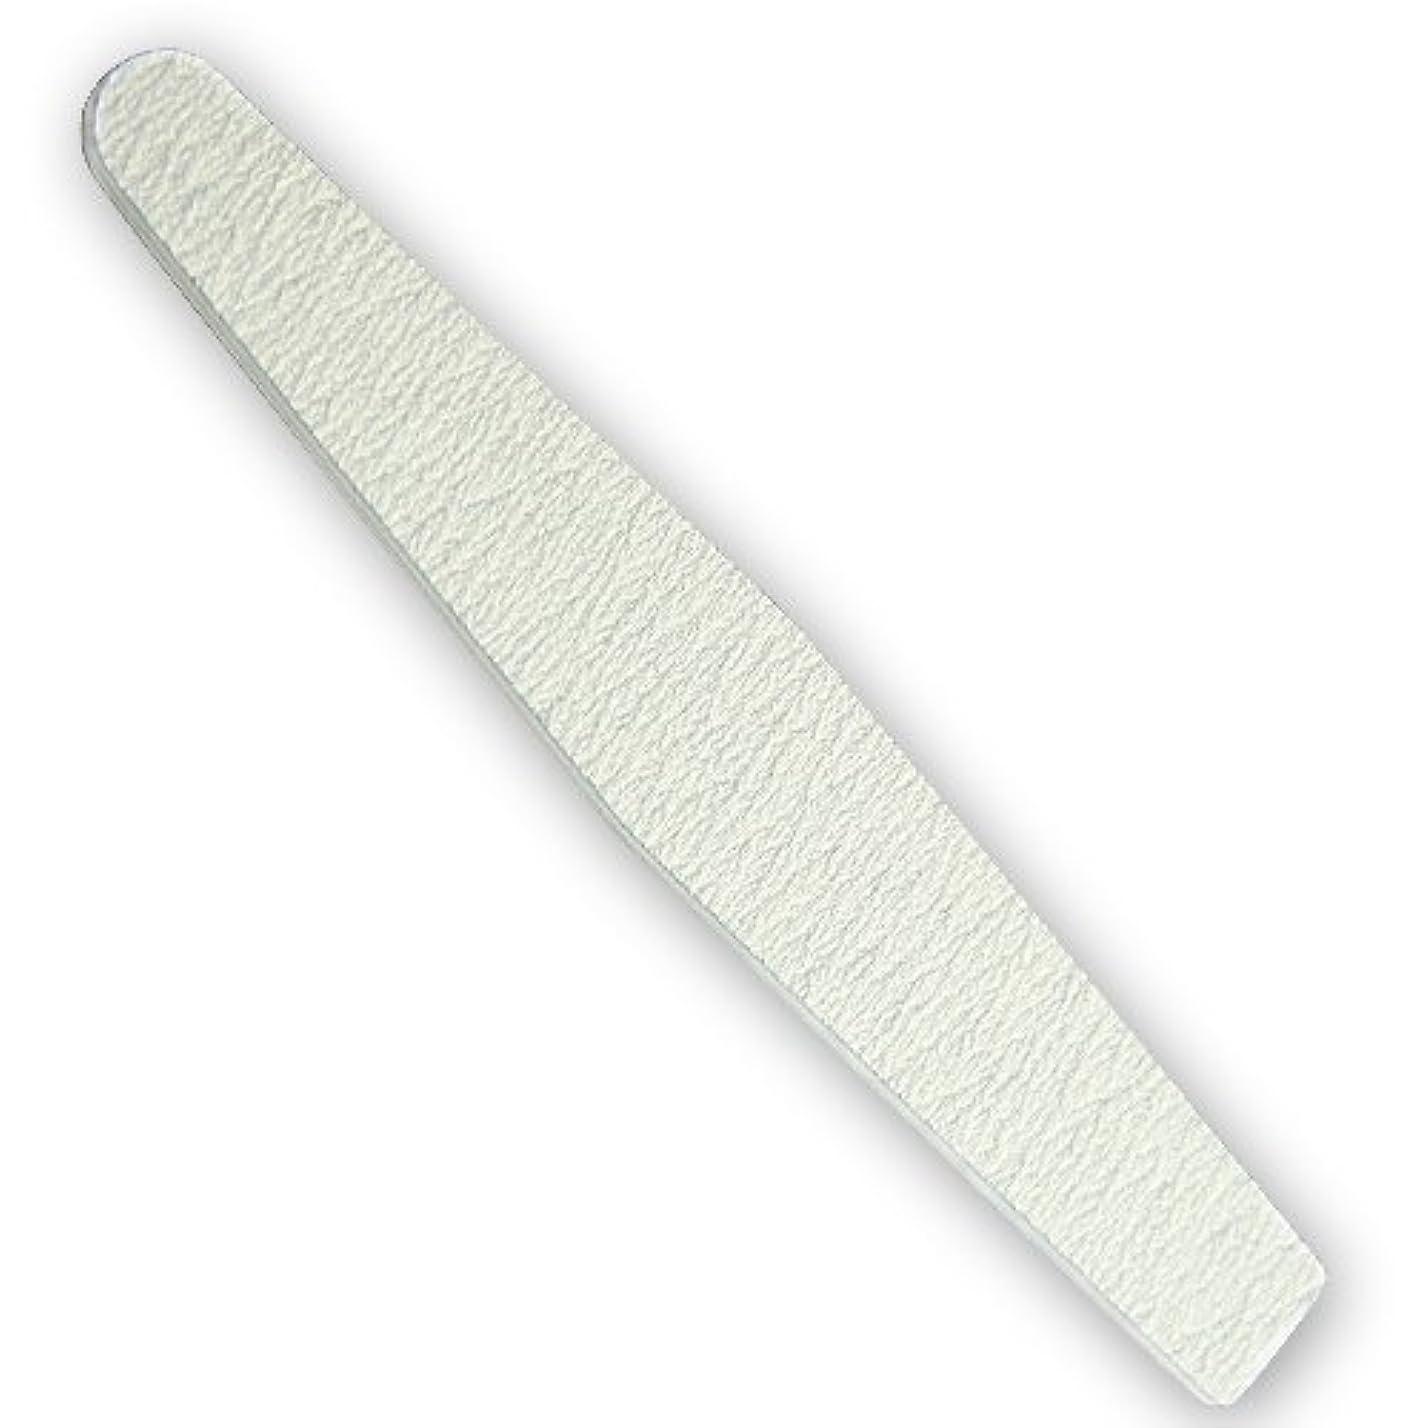 オズワルド待つ生態学ジェルネイル用ファイル100/180(爪やすり)シンプルで使いやすい